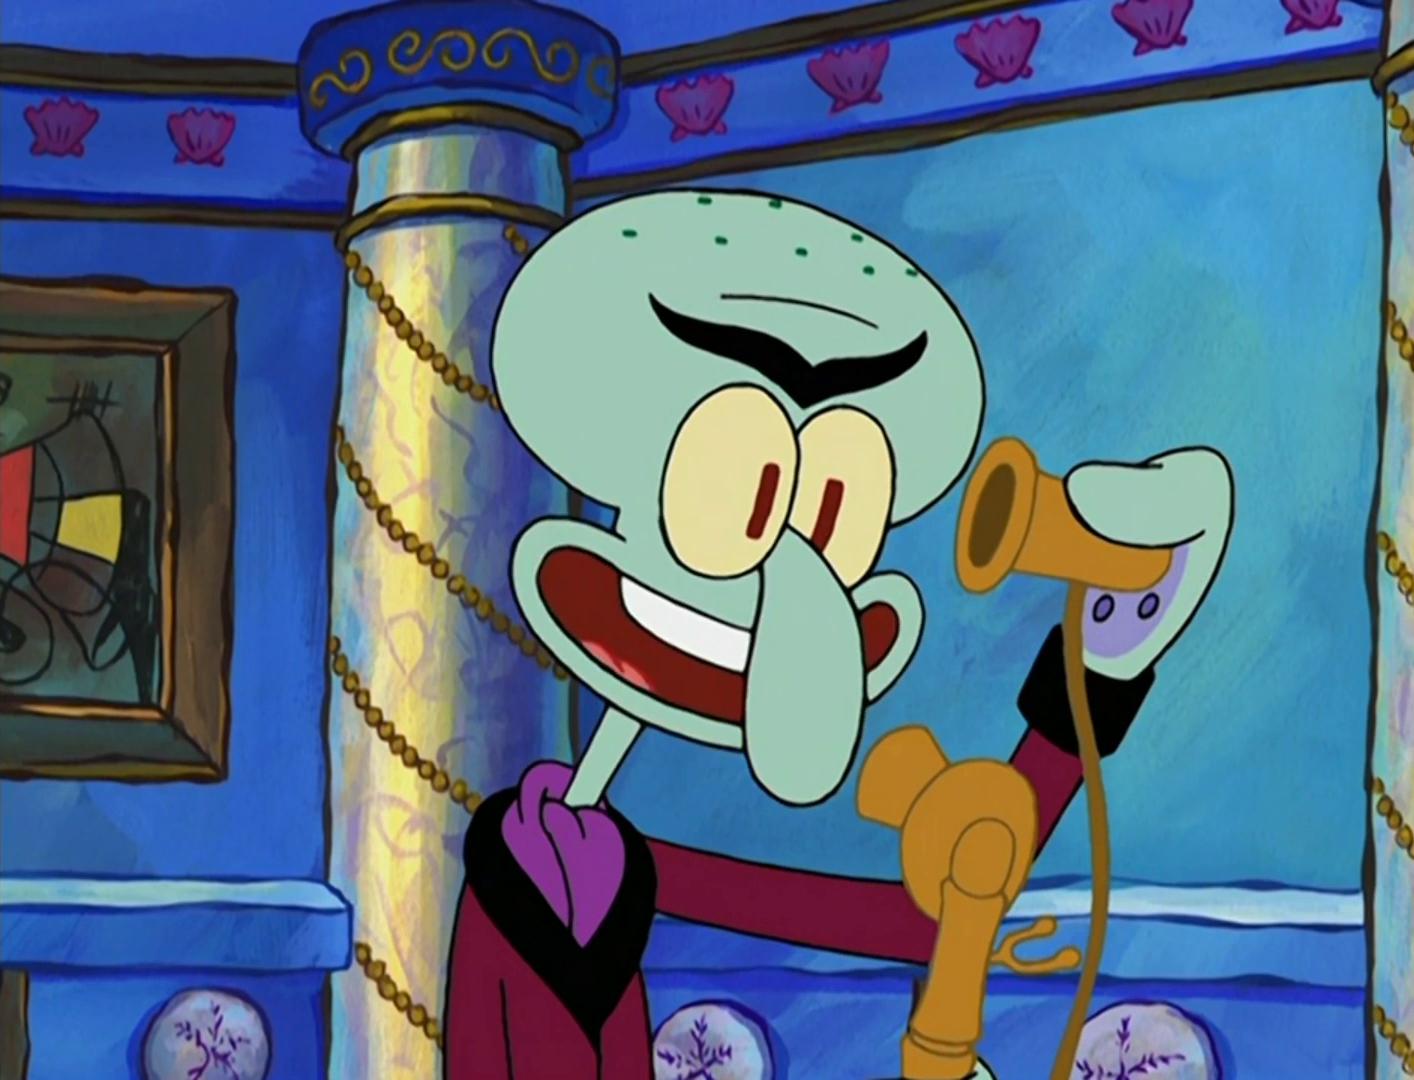 Squilliam Fancyson Appearances Encyclopedia Spongebobia Fandom 2.4k reads 26 votes 4 part story. squilliam fancyson appearances